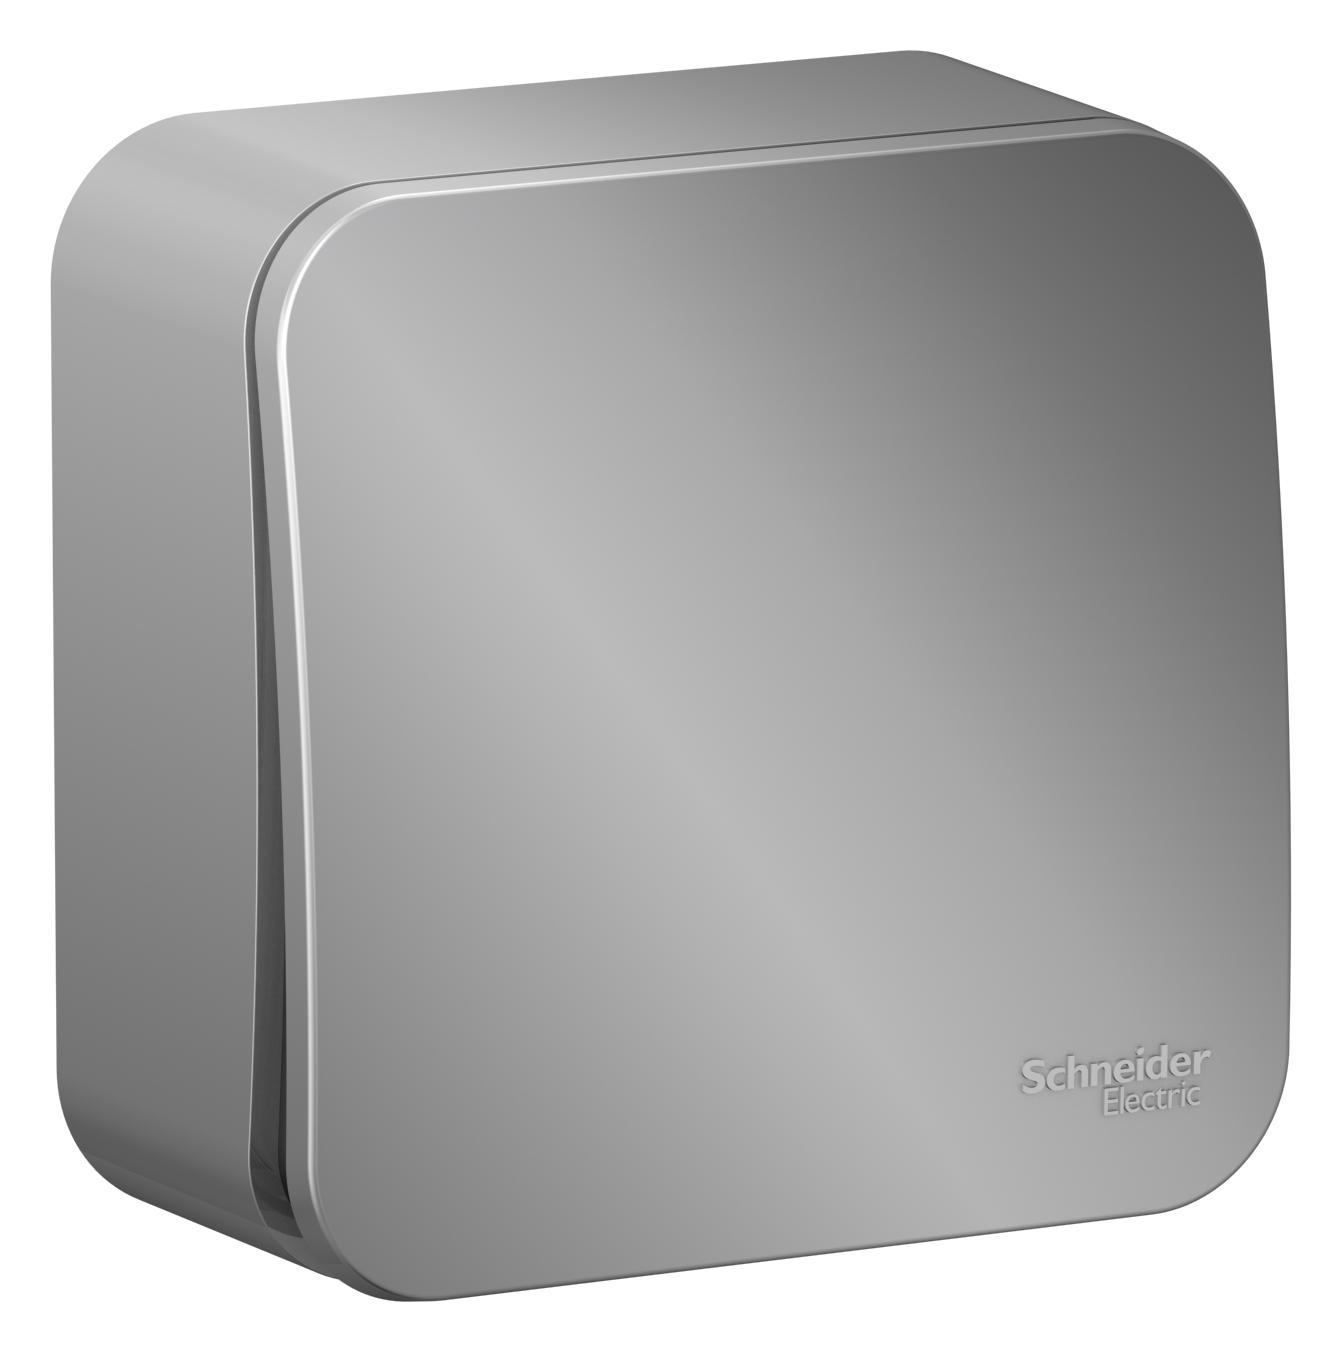 Выключатель Schneider electric Blnva101013 blanca выключатель schneider electric blnva101013 blanca